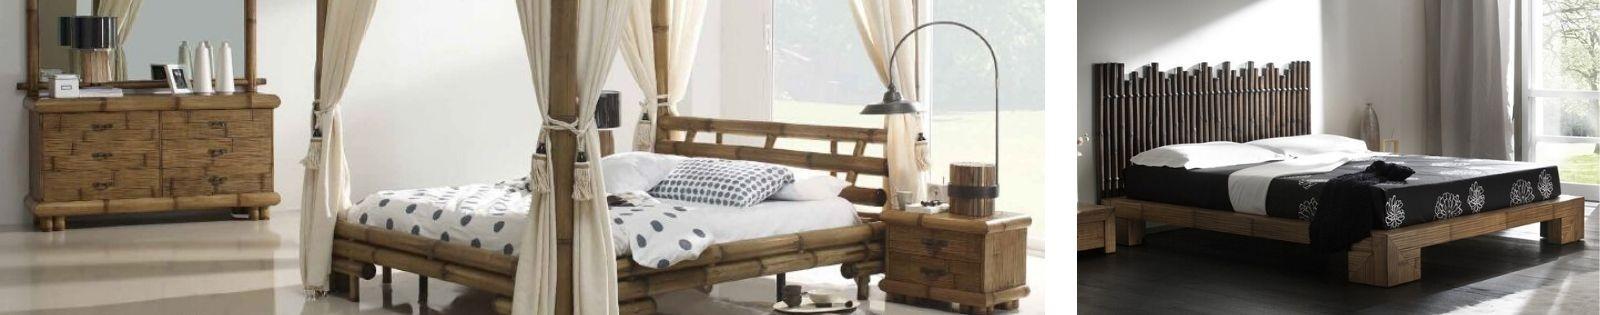 Lit bambou, chevet, lit baldaquin en bambou de qualité direct d'Indonésie - Lotuséa